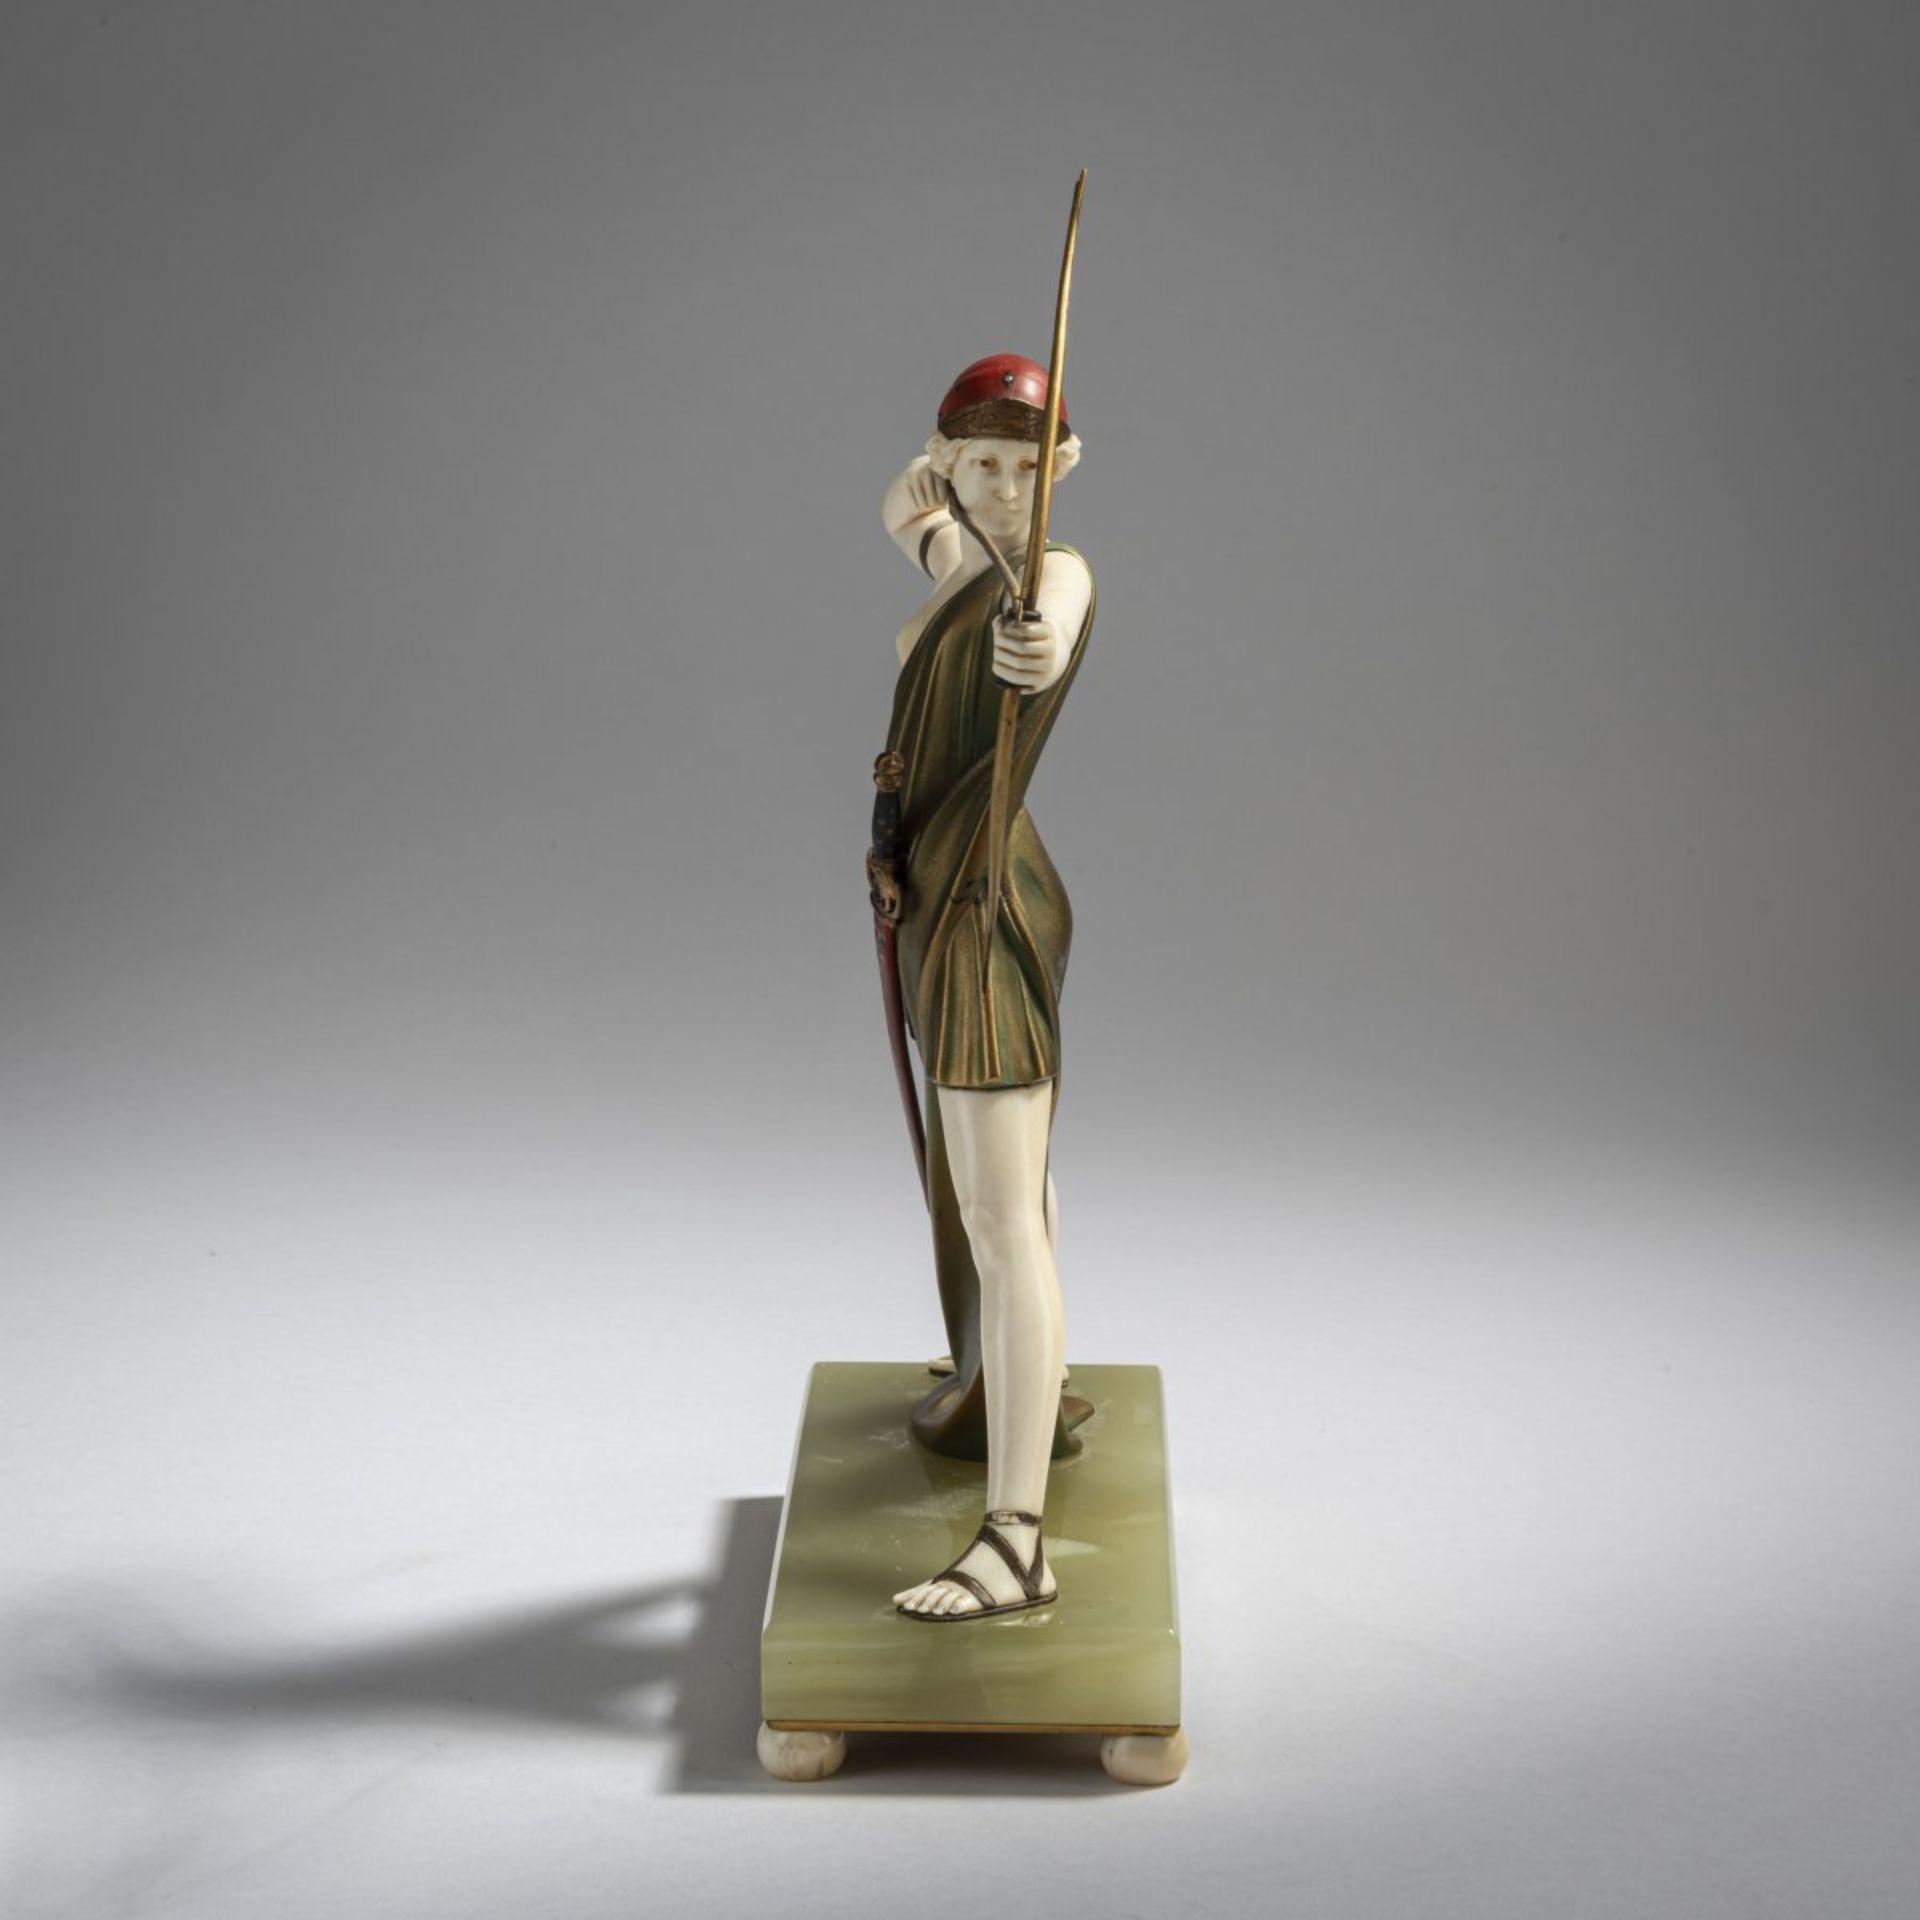 Ferdinand Preiss, 'Diana', um 1928 - Bild 4 aus 8